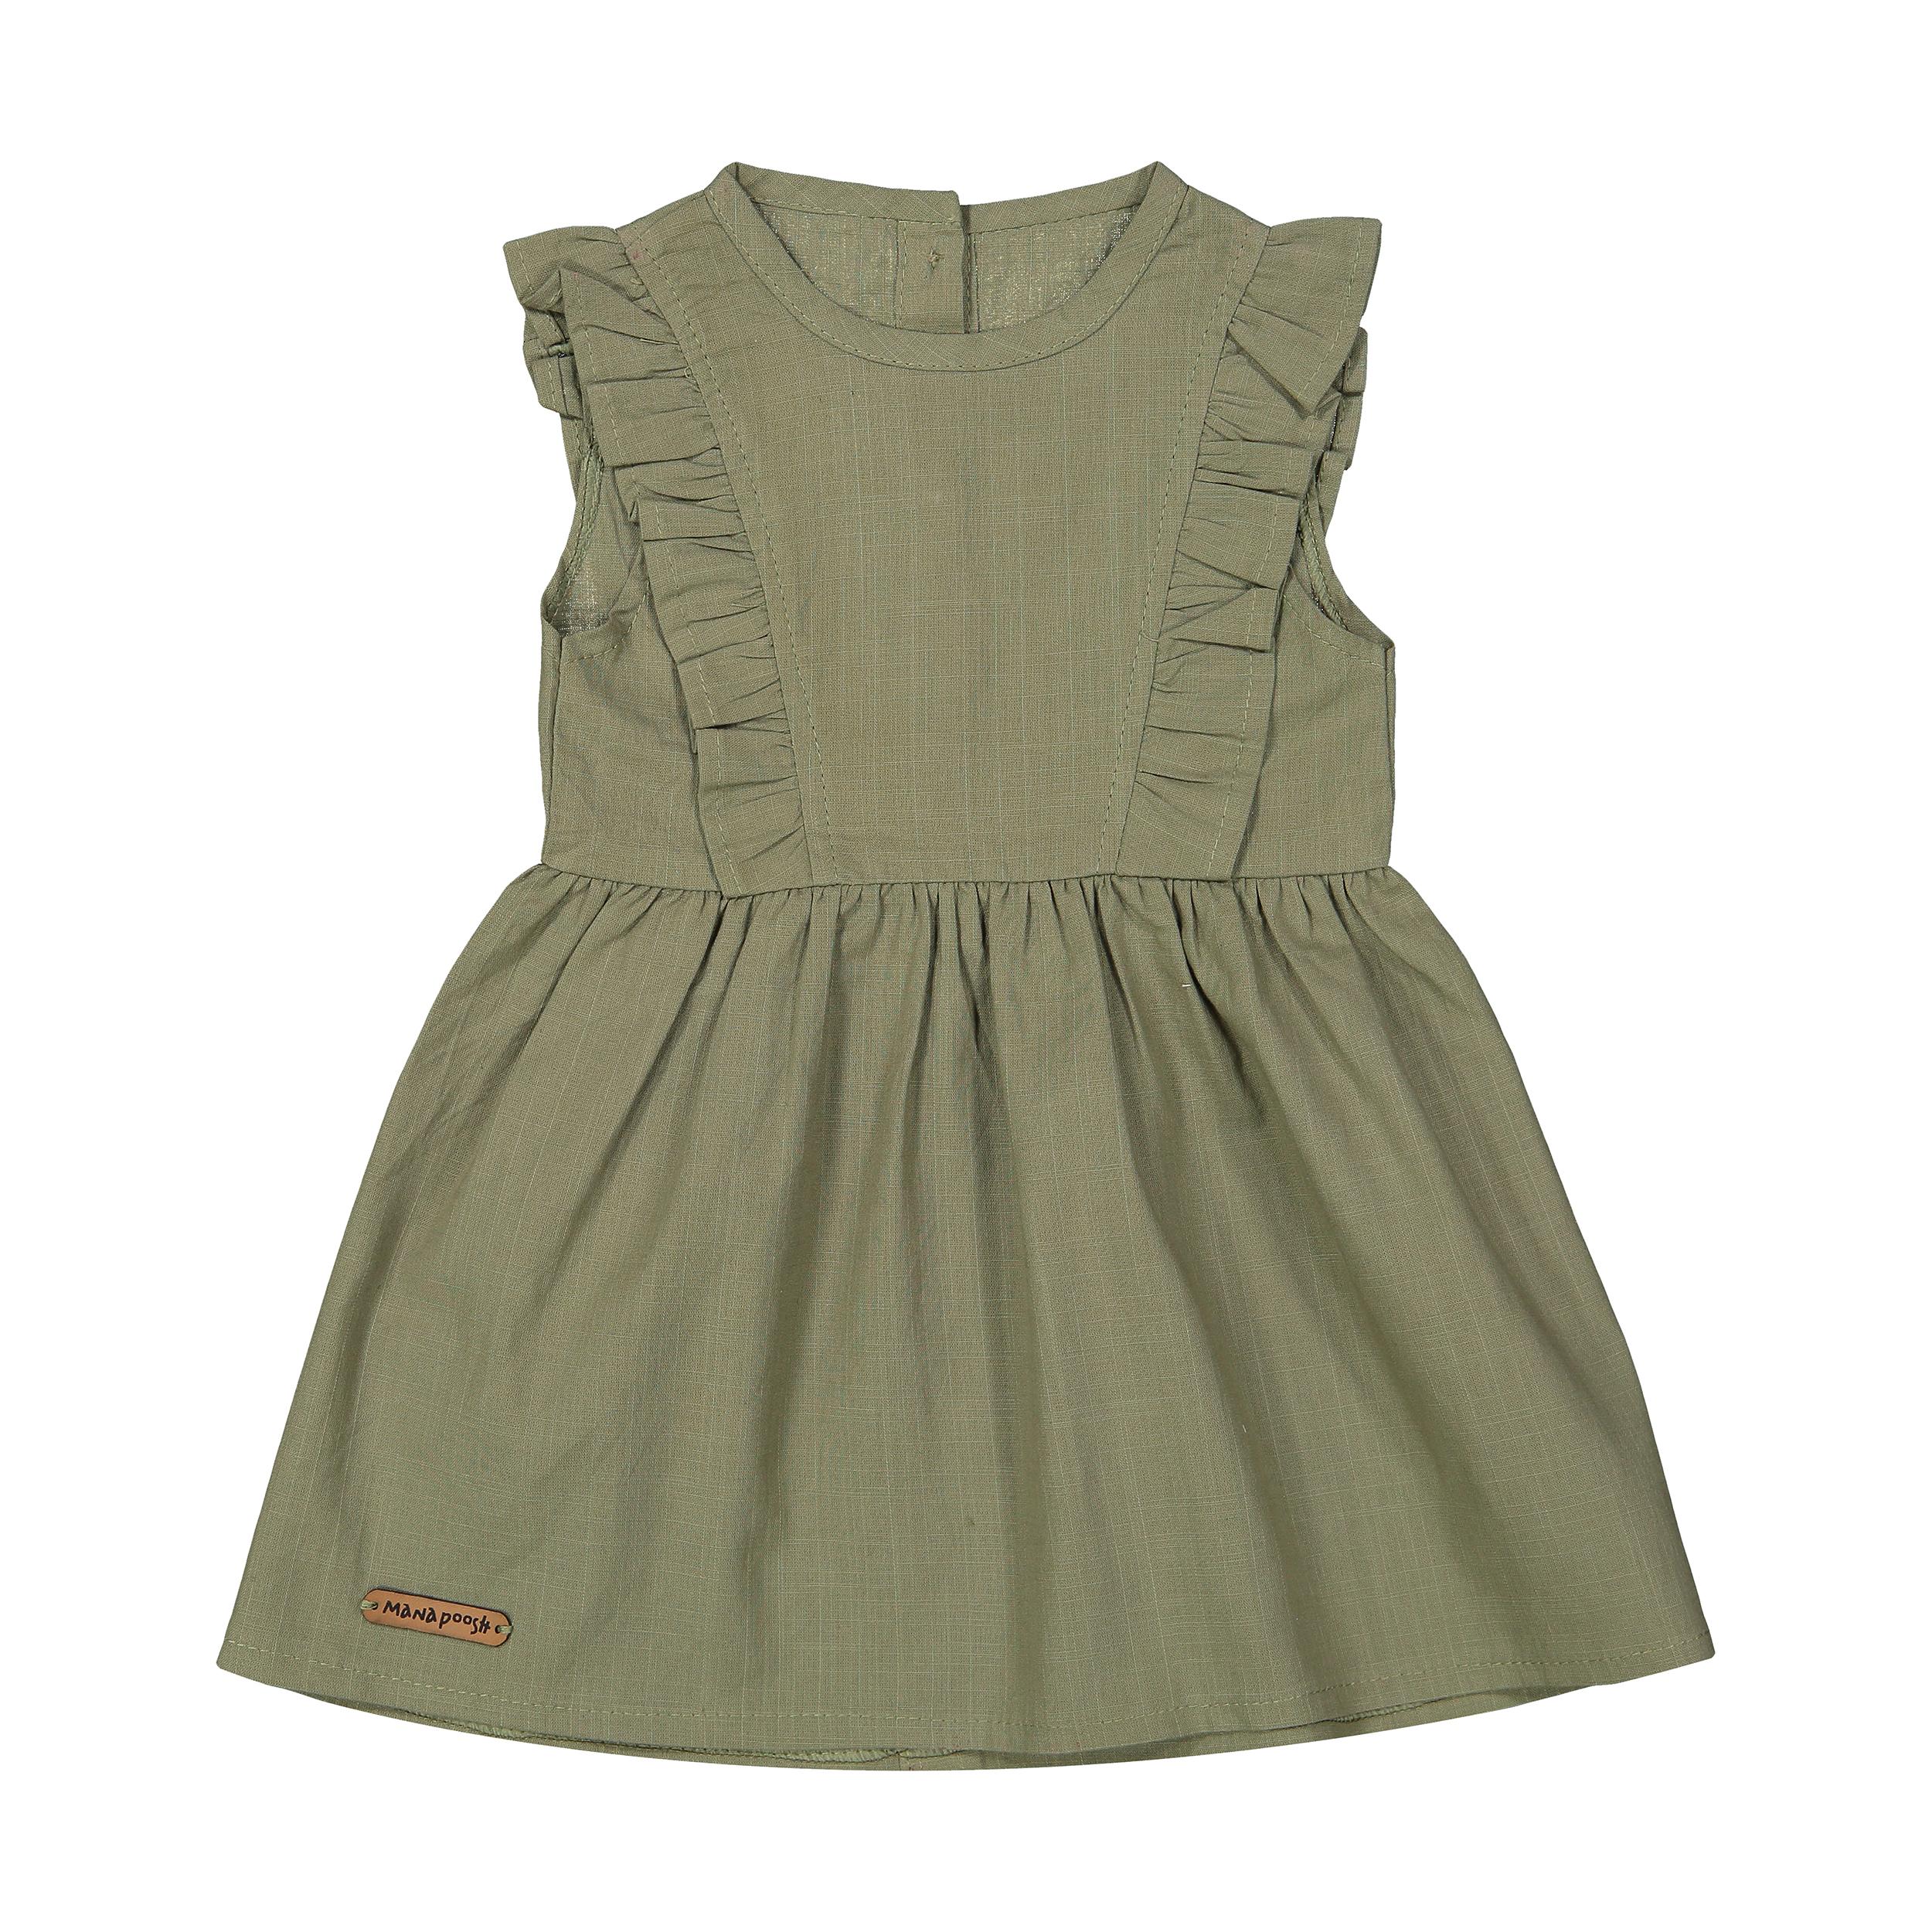 پیراهن نوزادی دخترانه ماناپوش کد 1022